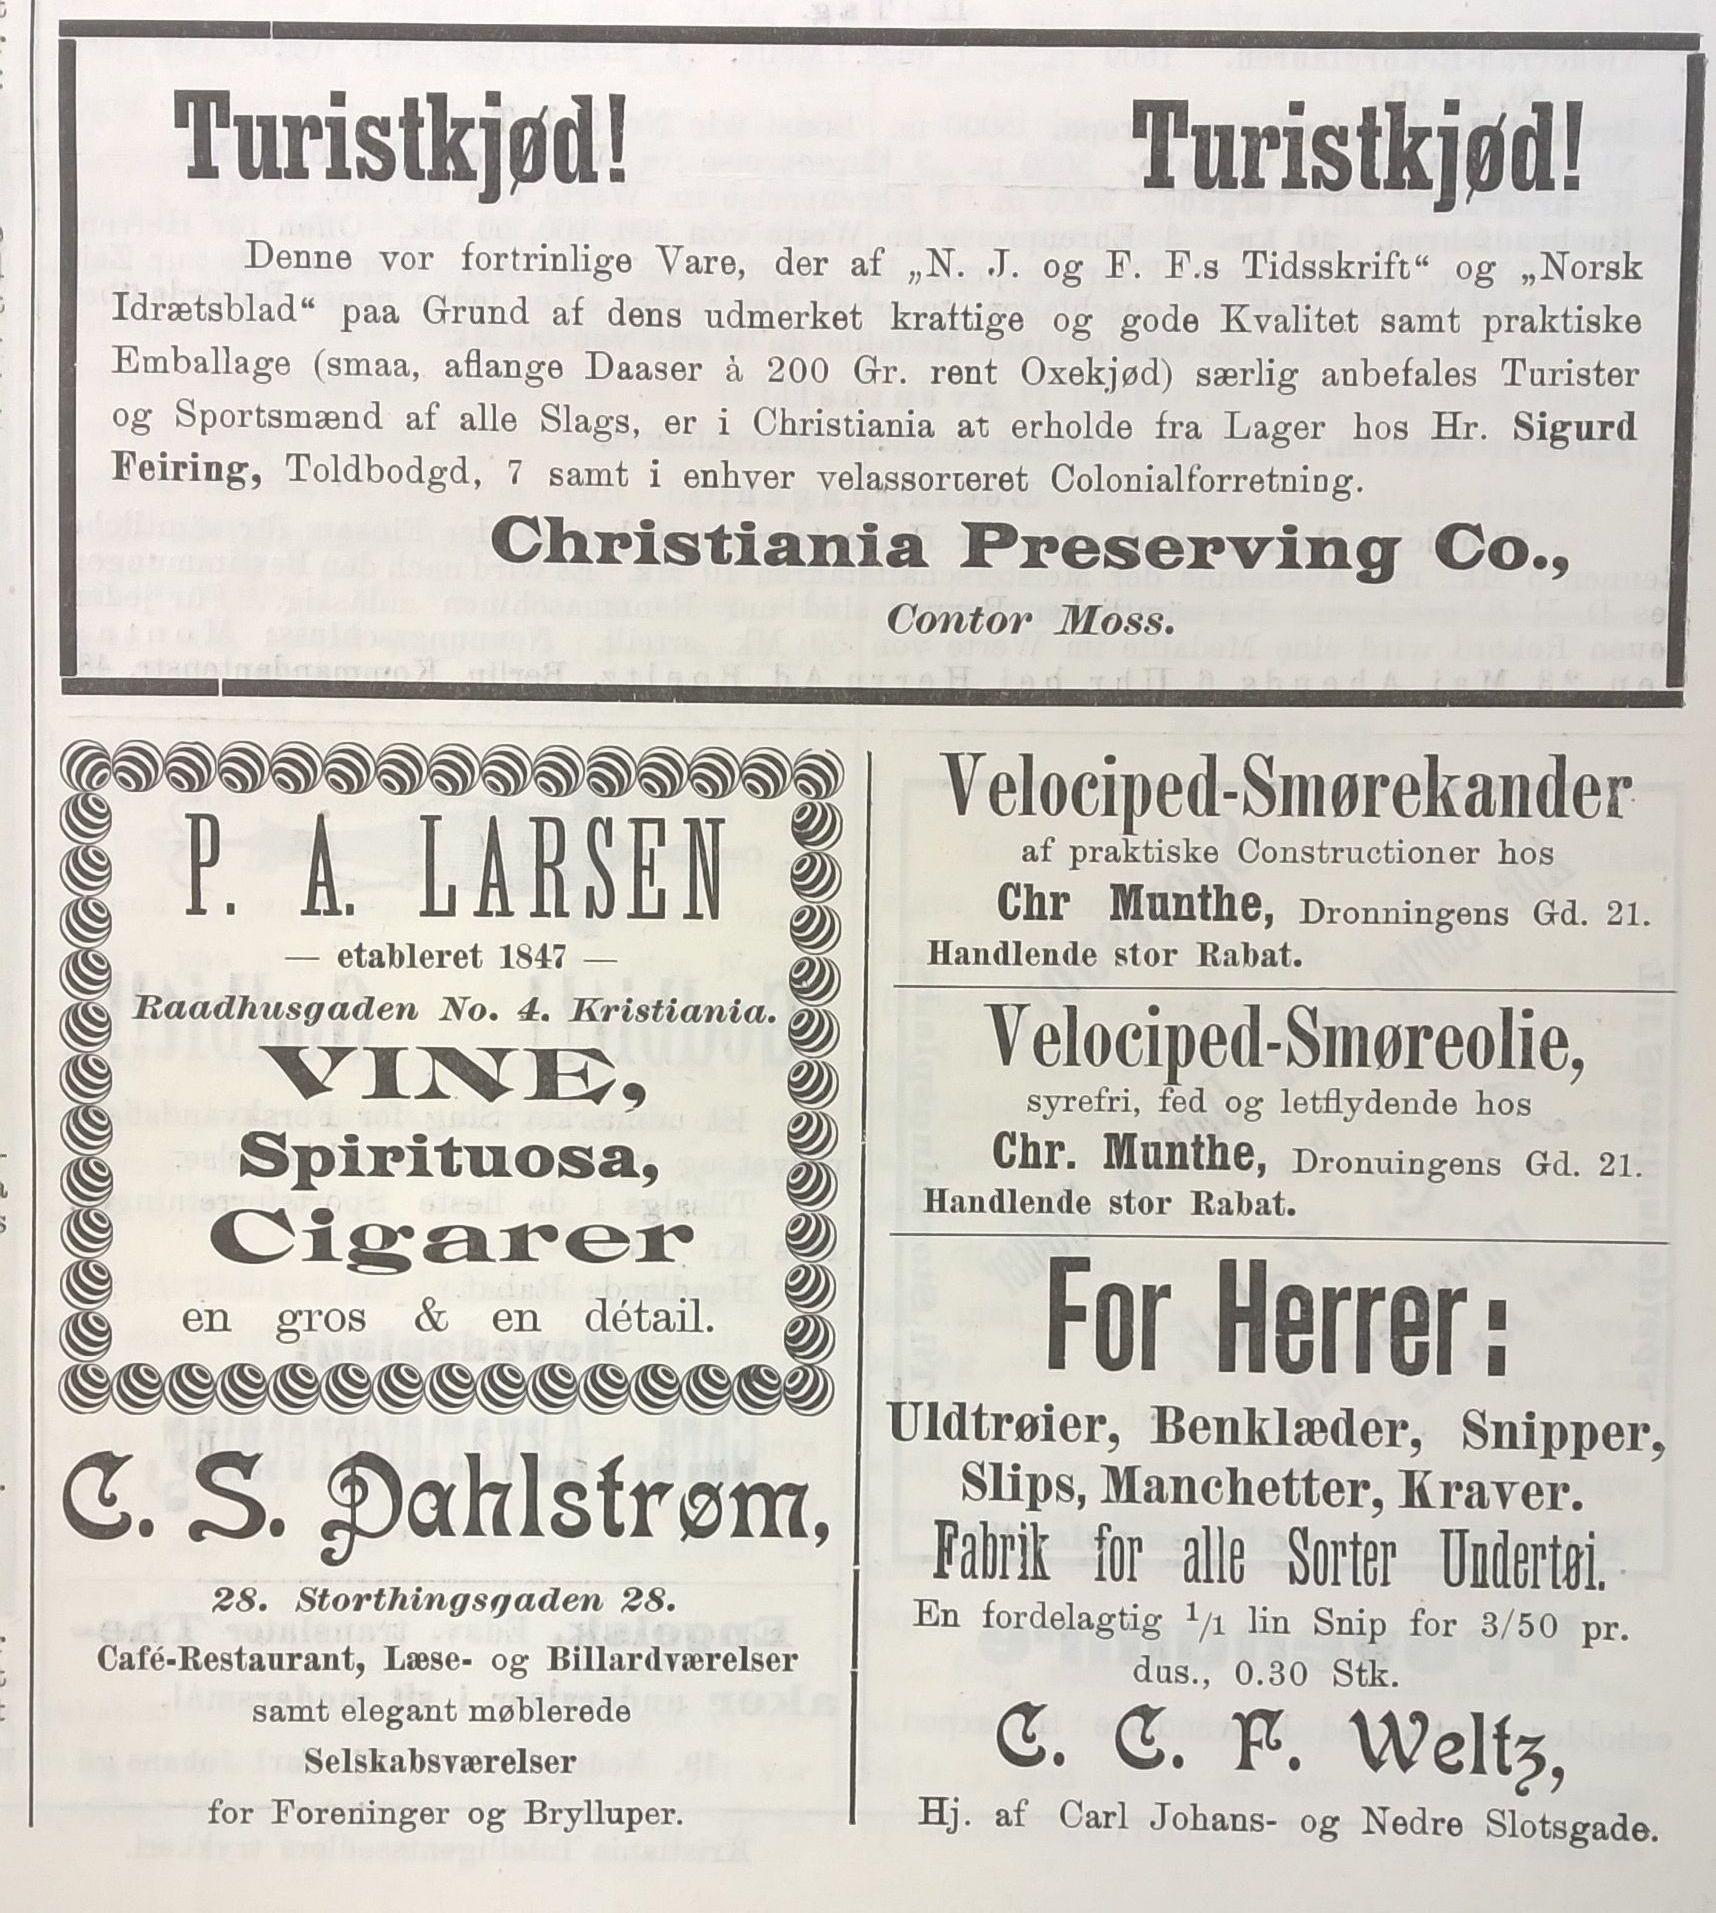 gammel reklame